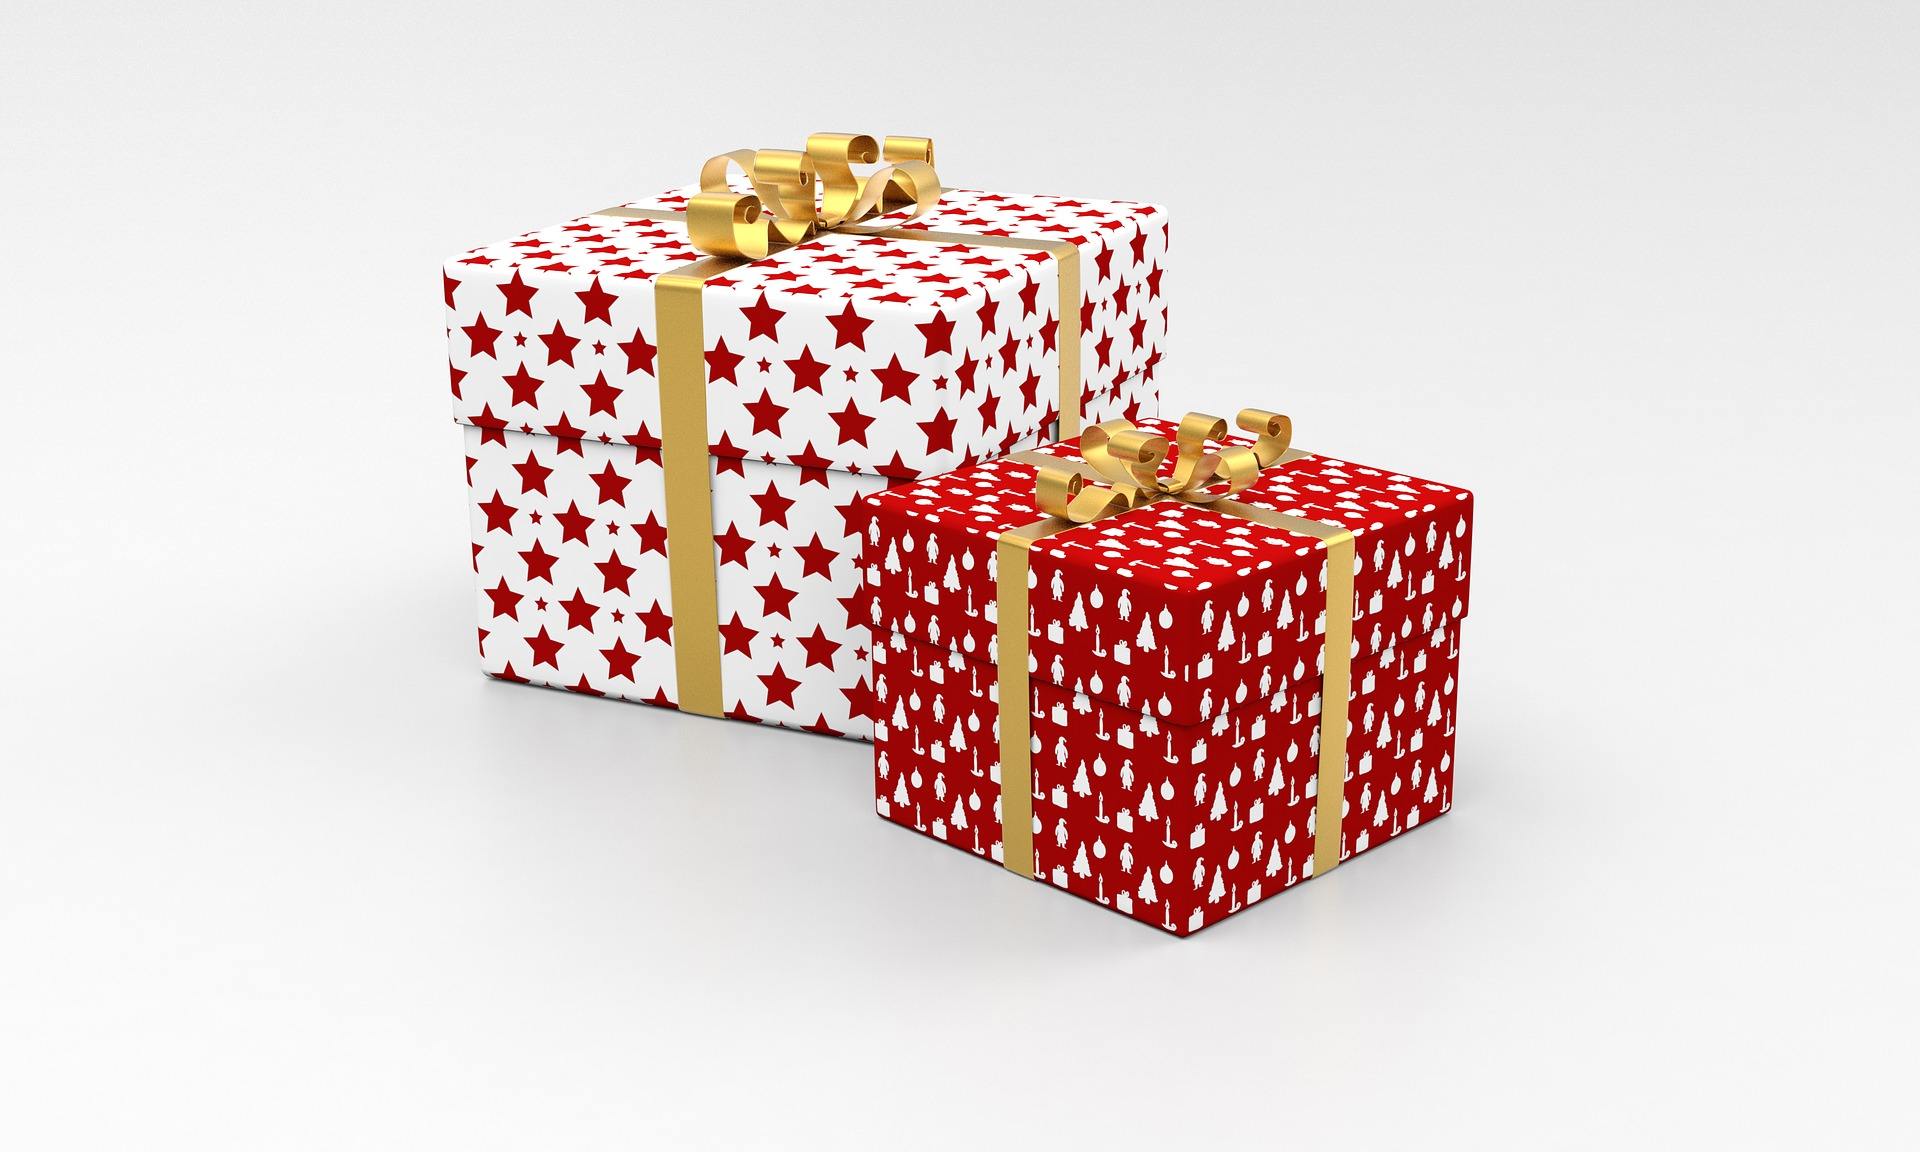 חבילות שי לפסח – איך בוחרים חבילת שי לפסח 2018?